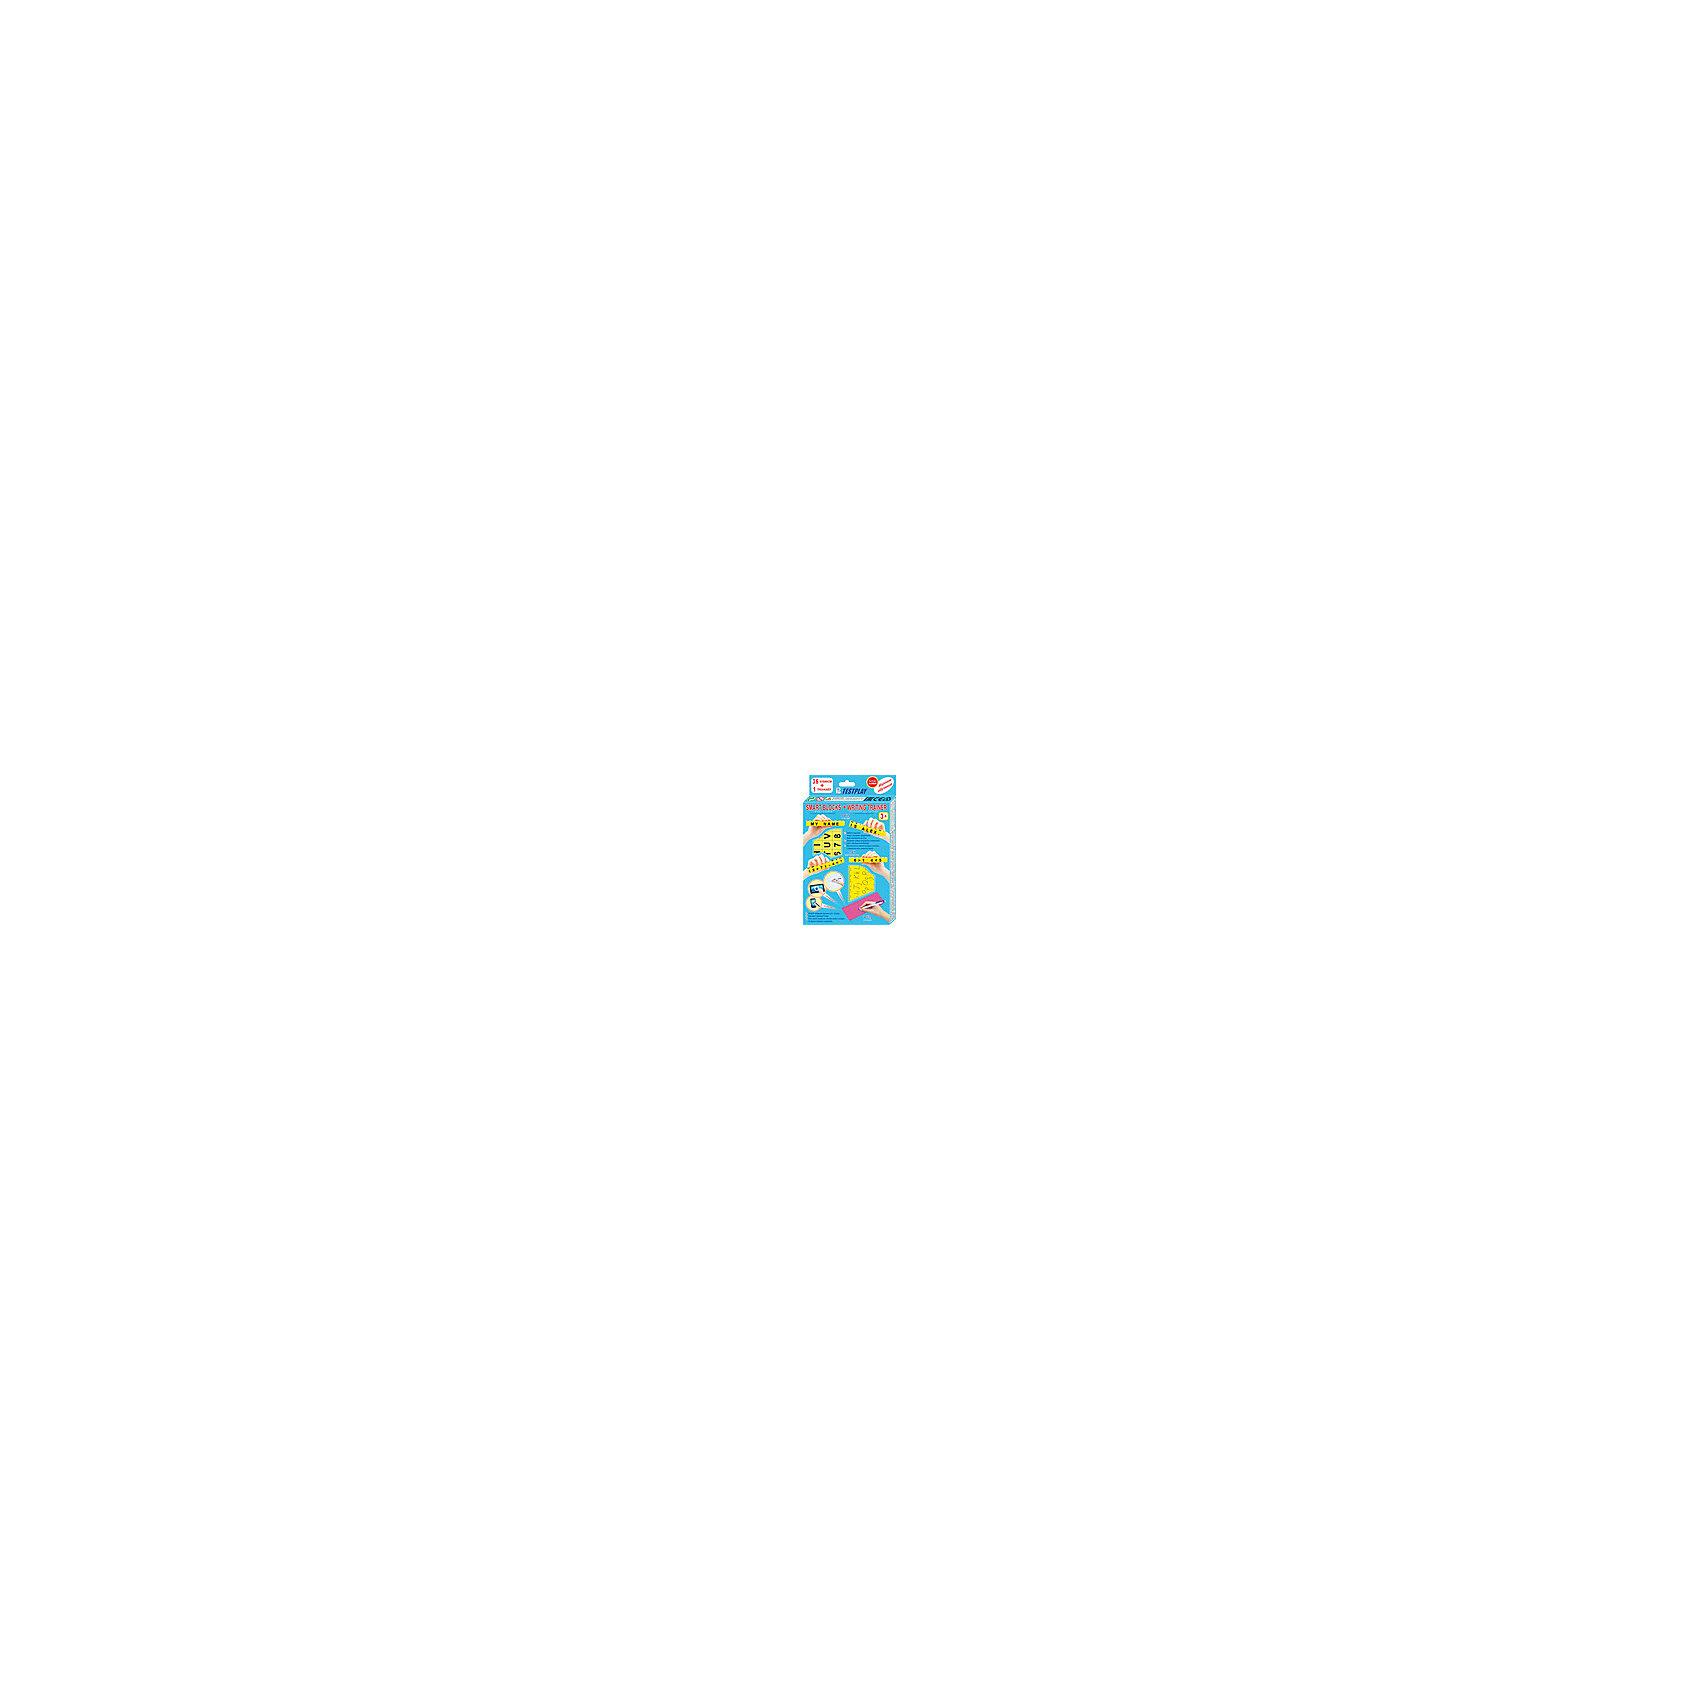 """Умные кубики+тренажер для письма,английский языкОбучающие карточки<br>В состав набора входит два учебных пособия: «Умные кубики» для обучения математике, английскому алфавиту и чтению, а также «Тренажер для письма» для тренировки написания букв английского алфавита. Пособие «Умные кубики» представляет собой набор из 36 кубиков, на гранях которых написаны буквы английского алфавита, знаки препинания, цифры и знаки математических действий. Благодаря специальной конструкции (выступ с одной стороны и отверстие с другой), кубики могут скрепляться между собой. Кубики можно скреплять только определенным способом, ребенок не сможет расположить их неправильно (зеркально или к верх ногами), что важно на этапе обучения, чтобы не сформировались неправильные представления о буквах и цифрах. Количество букв, цифр и знаков на гранях кубиков выбрано с учетом частоты их использования и позволяет составлять достаточно сложные слова, предложения и примеры. При составлении слов из Умных кубиков задействуются сразу несколько каналов восприятия информации: зрительный и кинестетический (сенсорный), что способствует лучшему запоминанию. При использовании кубиков для обучения математике можно не только составлять примеры, но и дать представление о длине отрезков, площади и объеме предметов. Тренажер для письма TESTPLAY представляет собой пластмассовую пластину, на обе стороны которой в виде сенсорных дорожек с рельефным дном нанесены буквы английского алфавита строчные и заглавные, печатные и письменные, а также элементы букв. Ребенок ставит ручку на дорожку и обводит букву прямо на пластине. Буквы воспринимаются ребенком в виде """"считываемых"""" с рельефной дорожки сенсорных и звуковых сигналов. Работа с тренажером для письма TESTPLAY ускоряет овладение письмом в 2,5 — 3 раза по сравнению с технологией механического переписывания букв из традиционных прописей в тетрадь.<br><br>Дополнительная информация:<br><br>- В наборе: 36 кубиков, пластина-тренажер для письма<br>- Размер кубика: 1,5х1,5х1,5"""